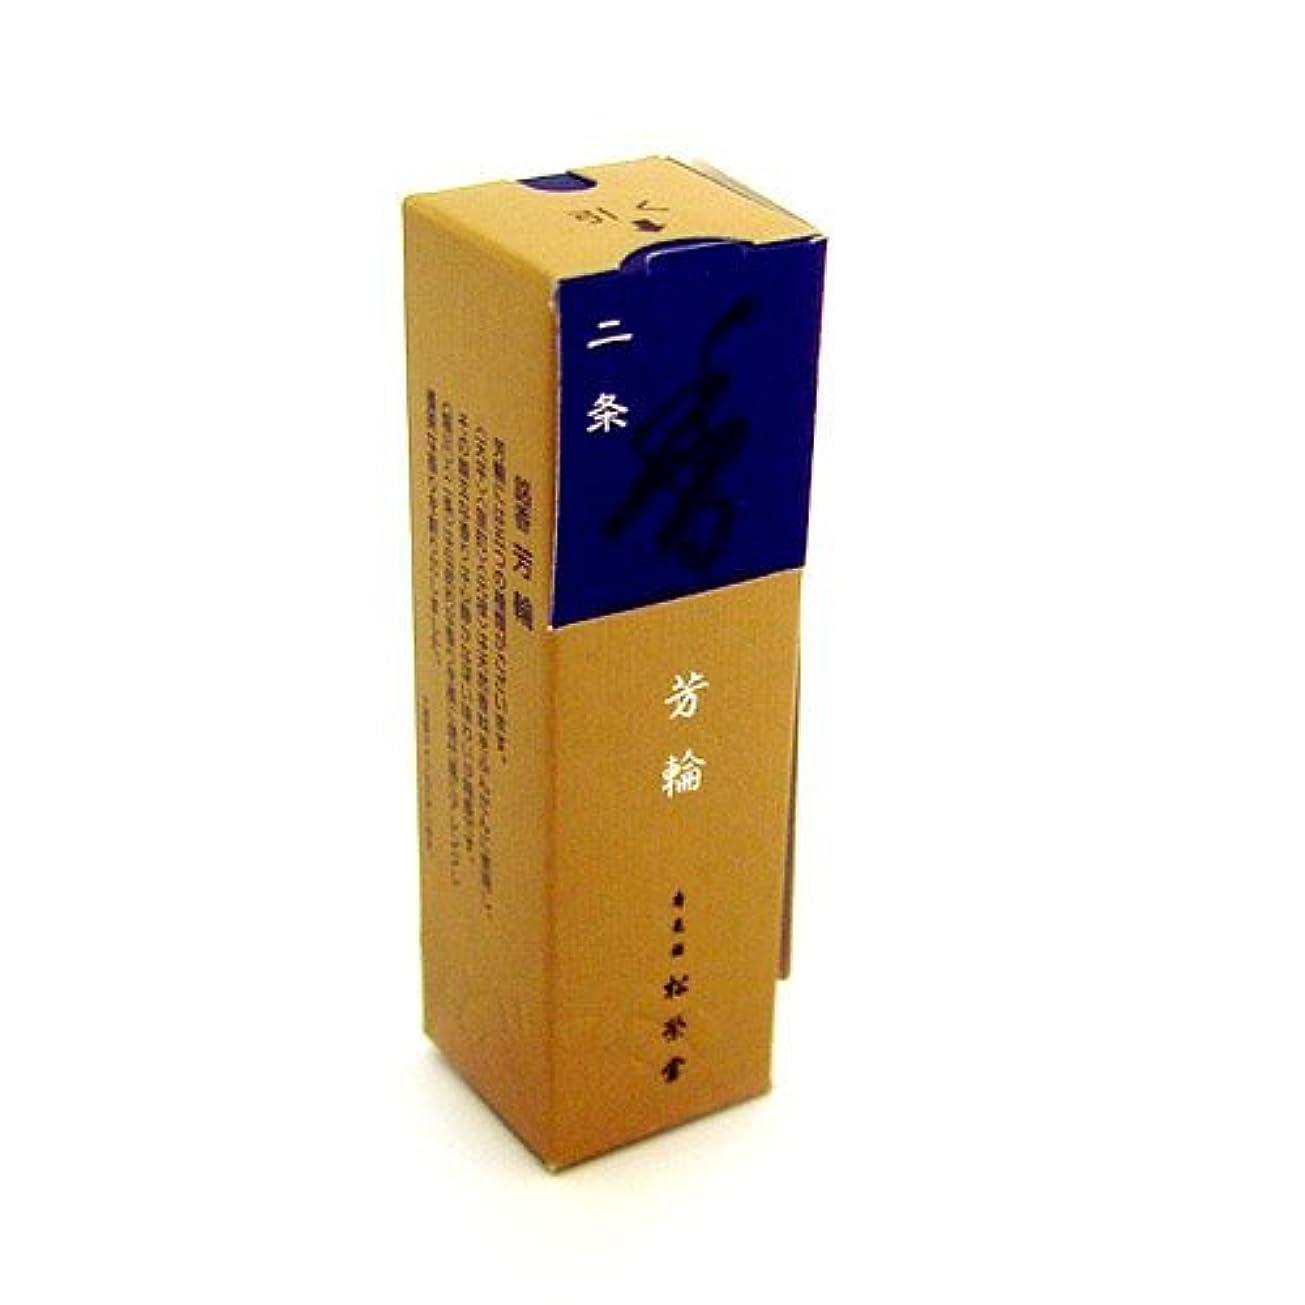 強大な孤児割り当てShoyeido – Horin Incense Sticksの別荘の街 20 Stick(s) 75120